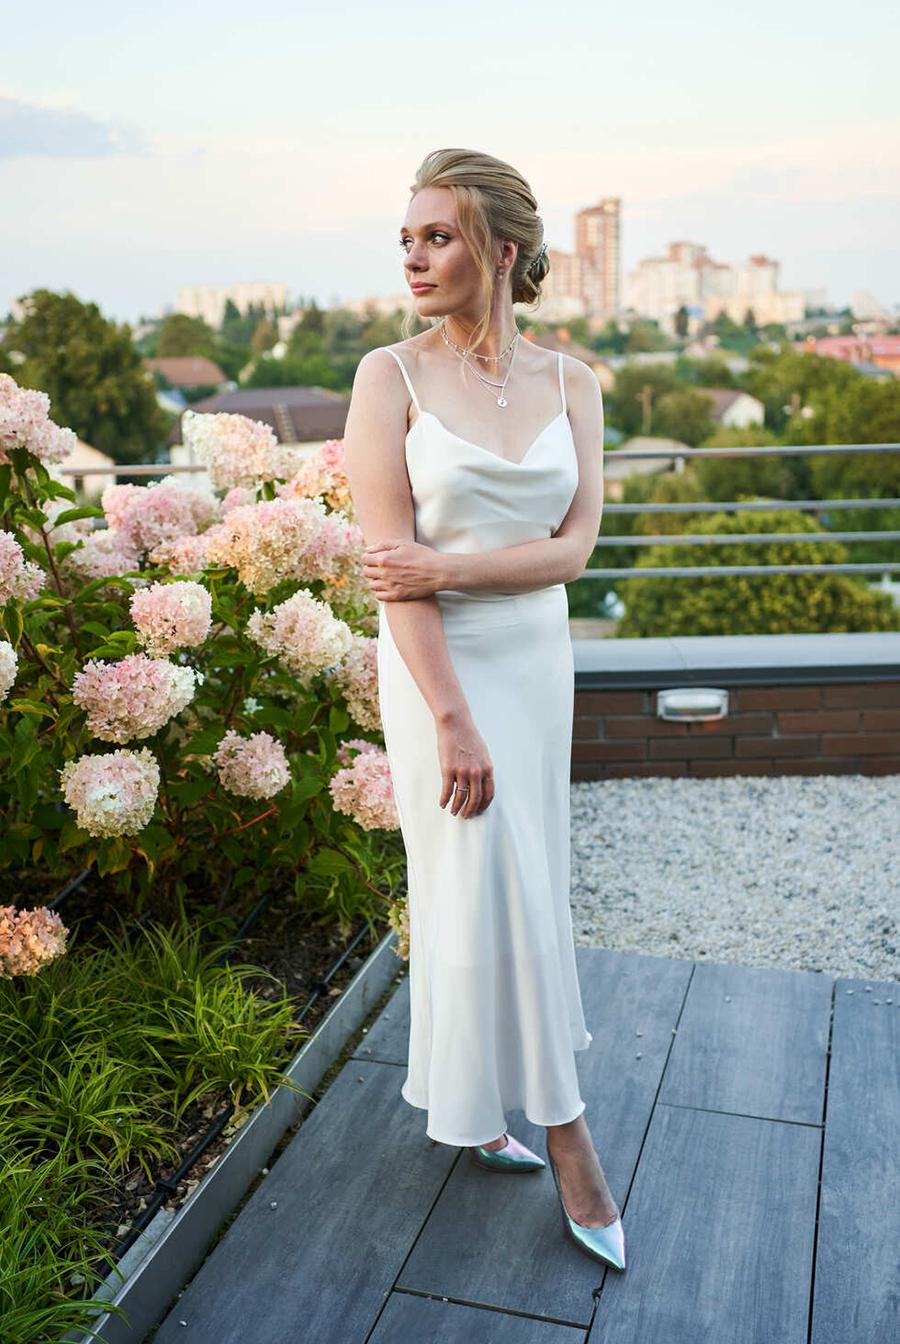 женский квартал алина гордиенко вышла замуж свадьба необычная оригинаная свадебное платье